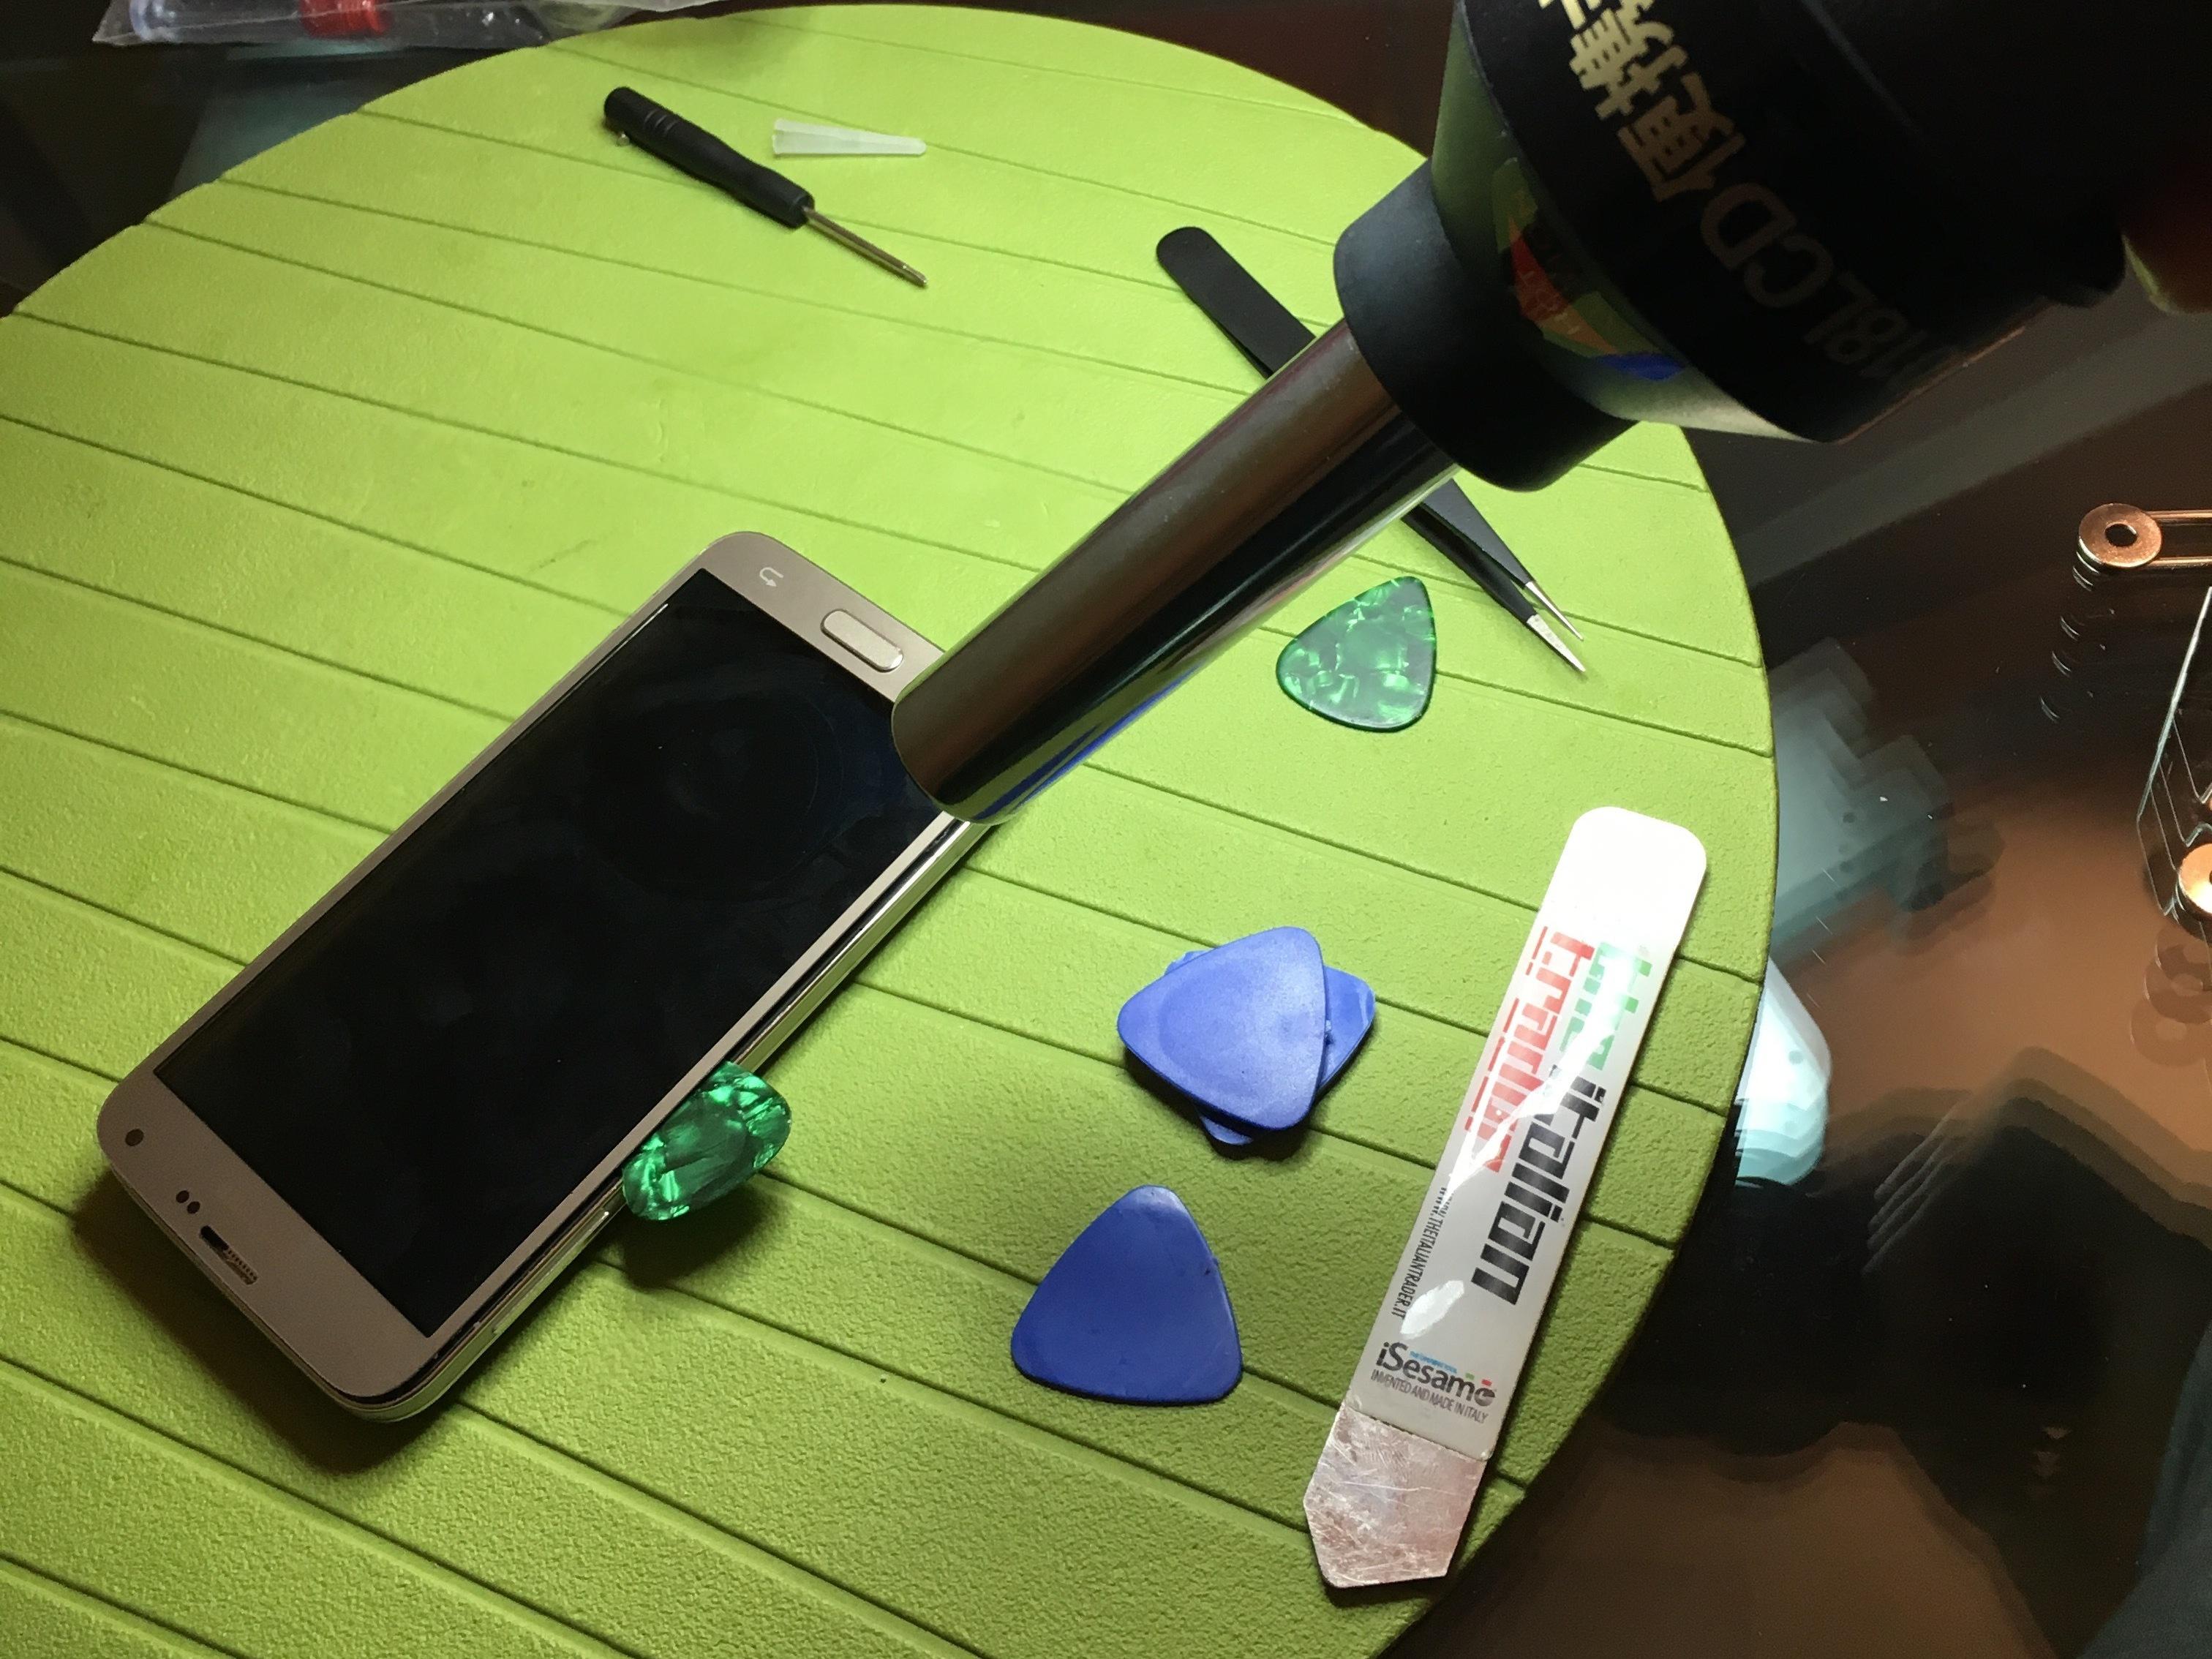 با سشوار یا آیاوپنر به اطراف قاب Galaxy S5 Neo تعمیری گرمای ملایمی وارد کنید. گرما را برای مدت زمان 1 دقیقه بر روی هر یک از لبه های قاب گوشی اعمال نمایید.